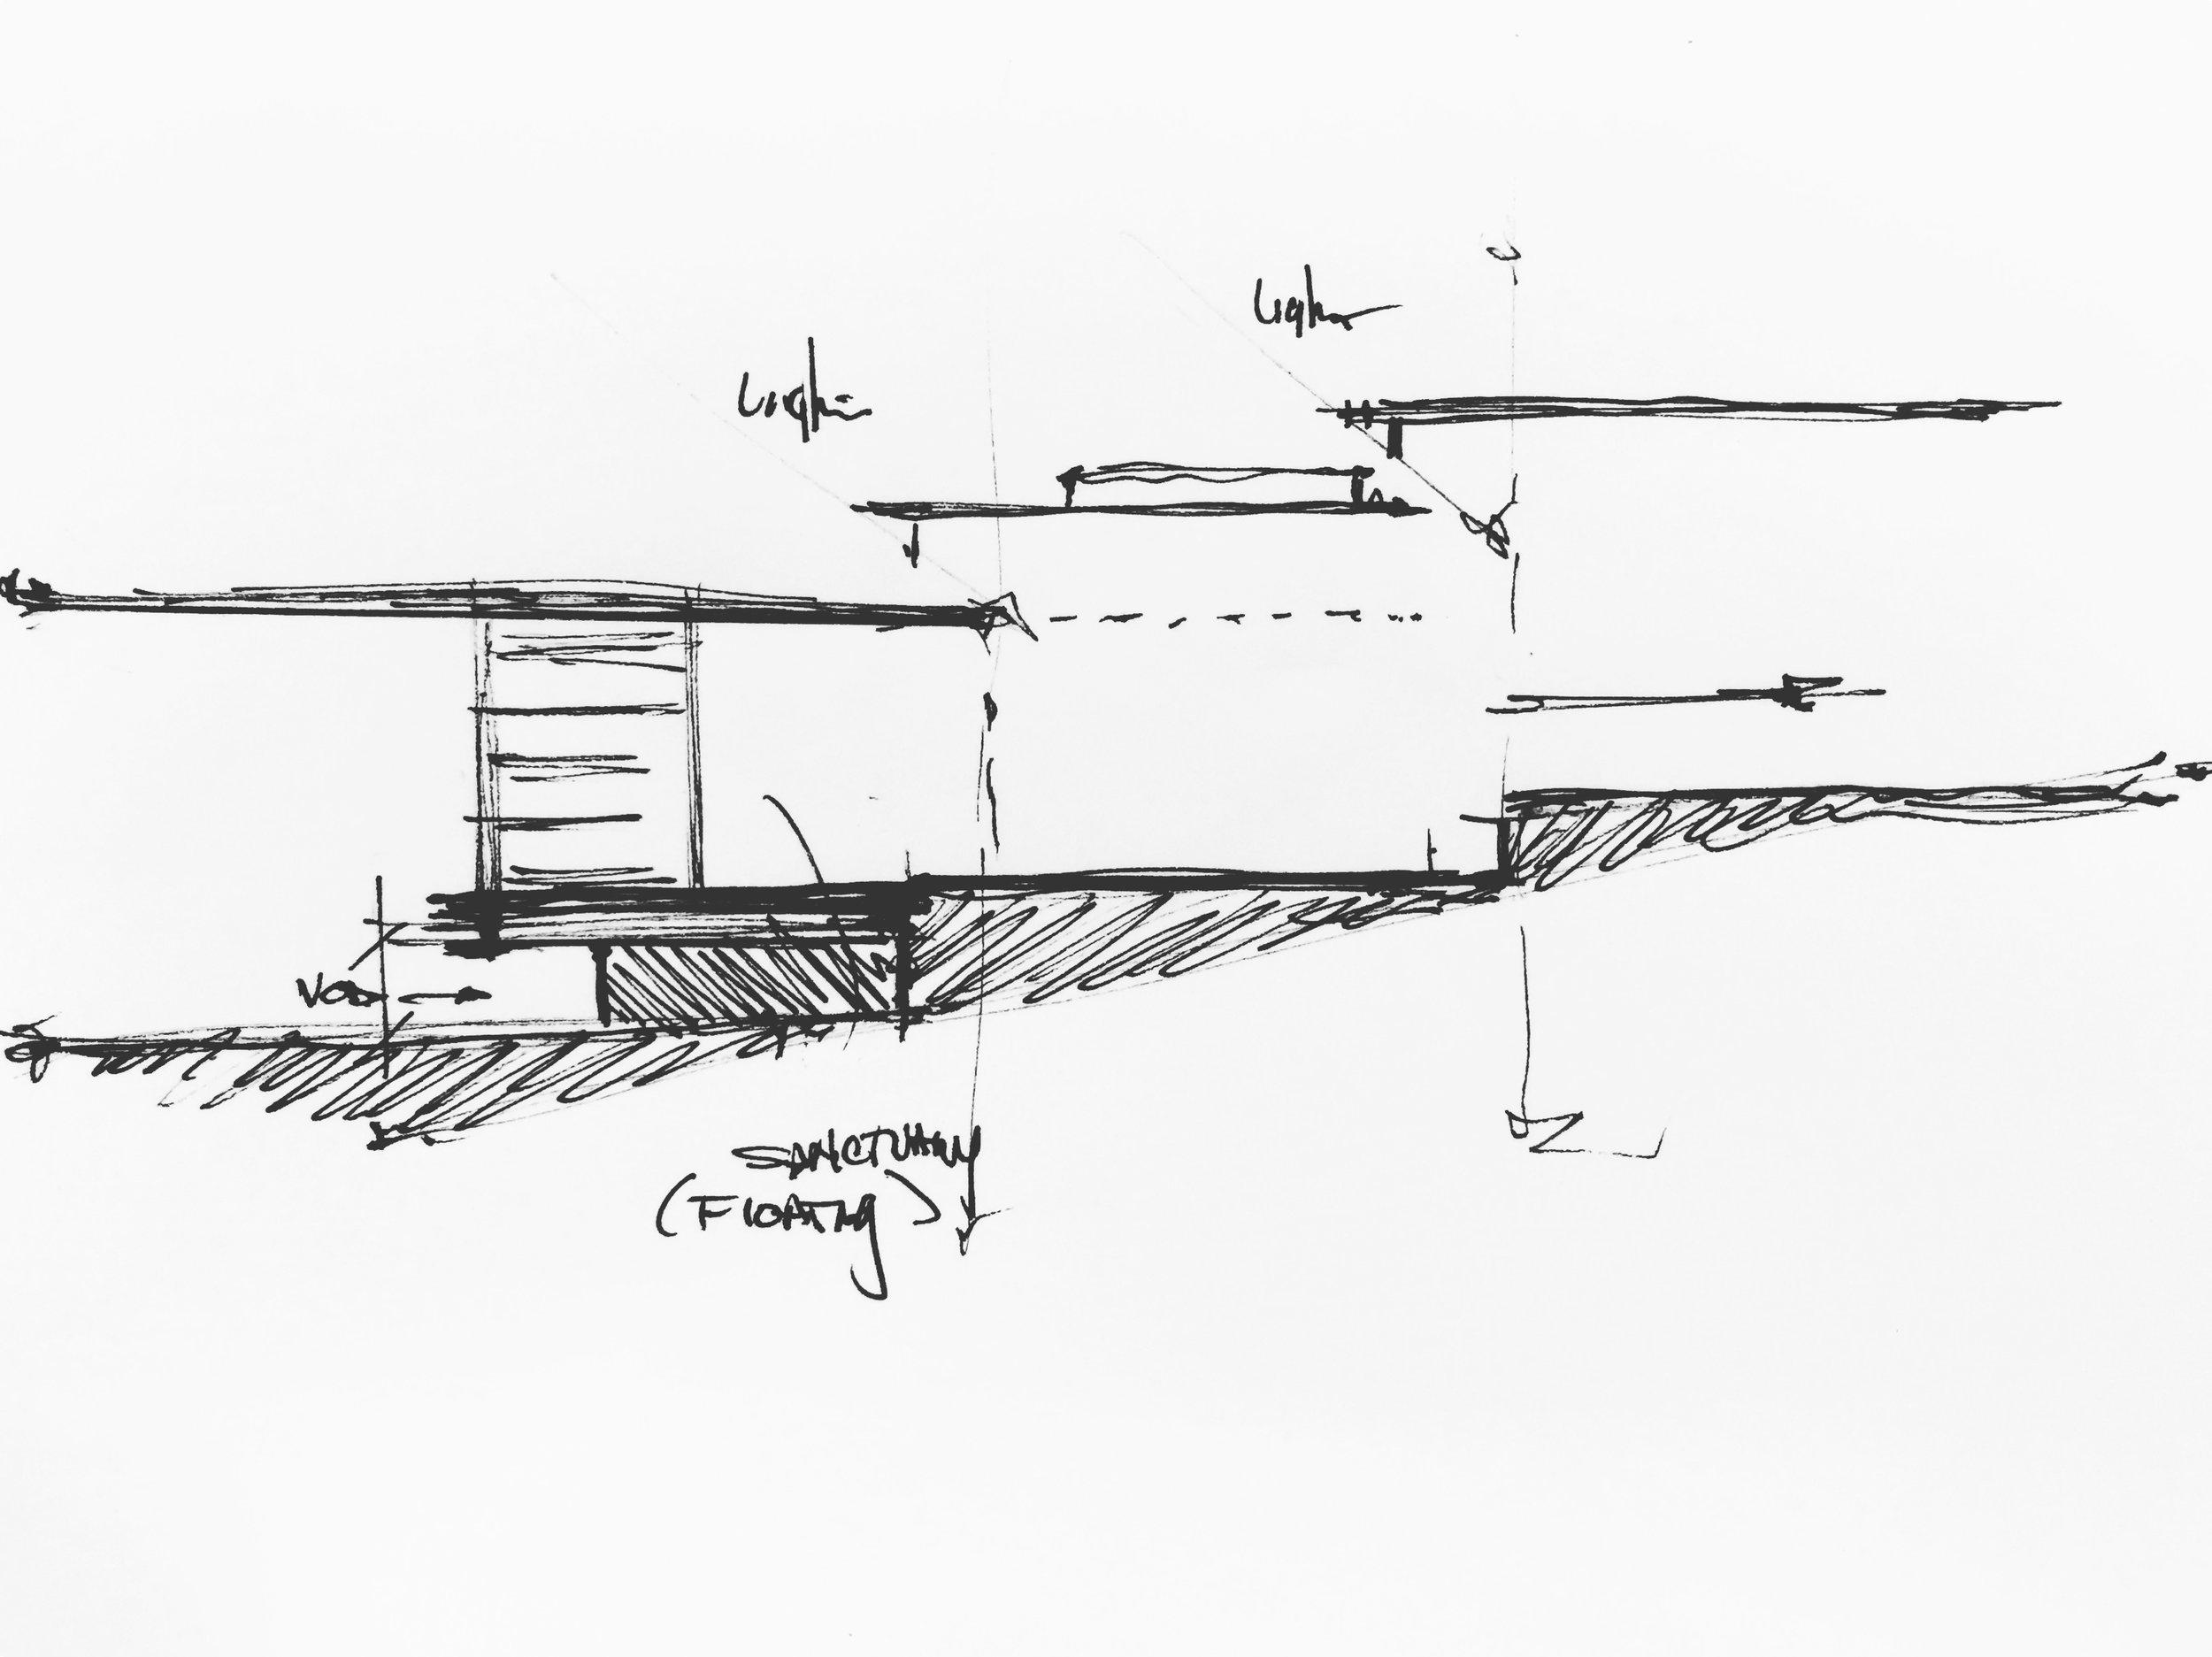 Eastus-Sketch.JPG